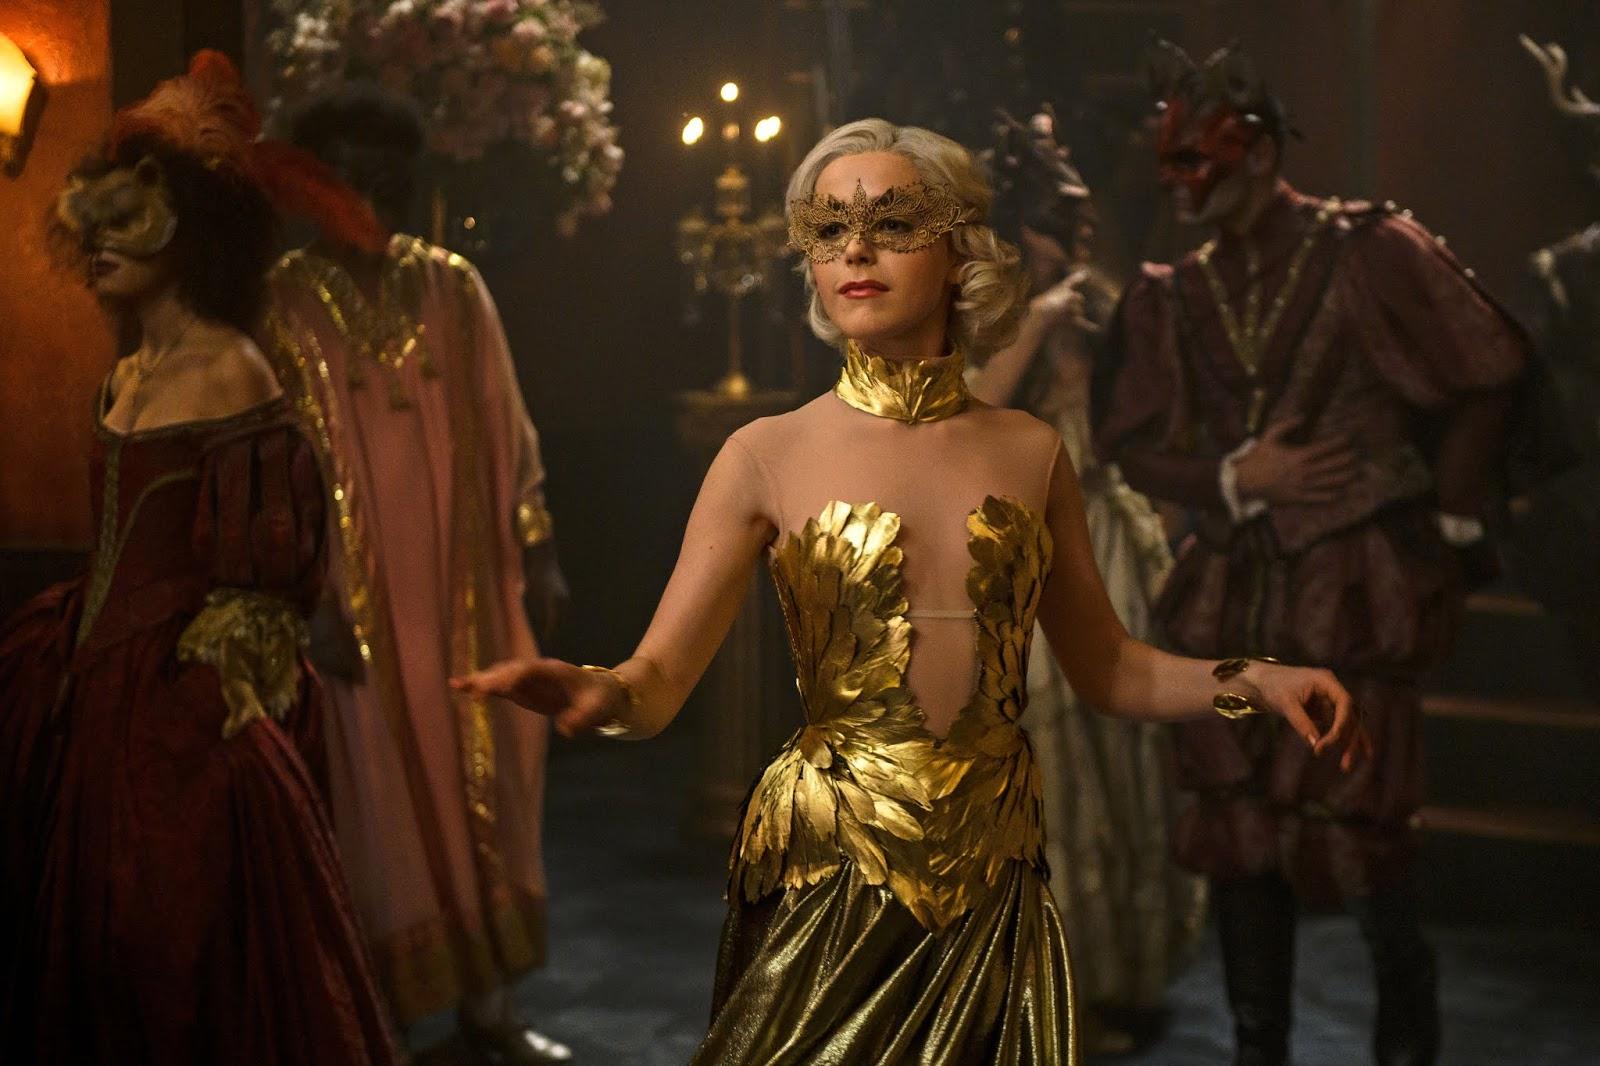 Sabrina bailando la segunda temporada de Chilling Adventures of Sabrina